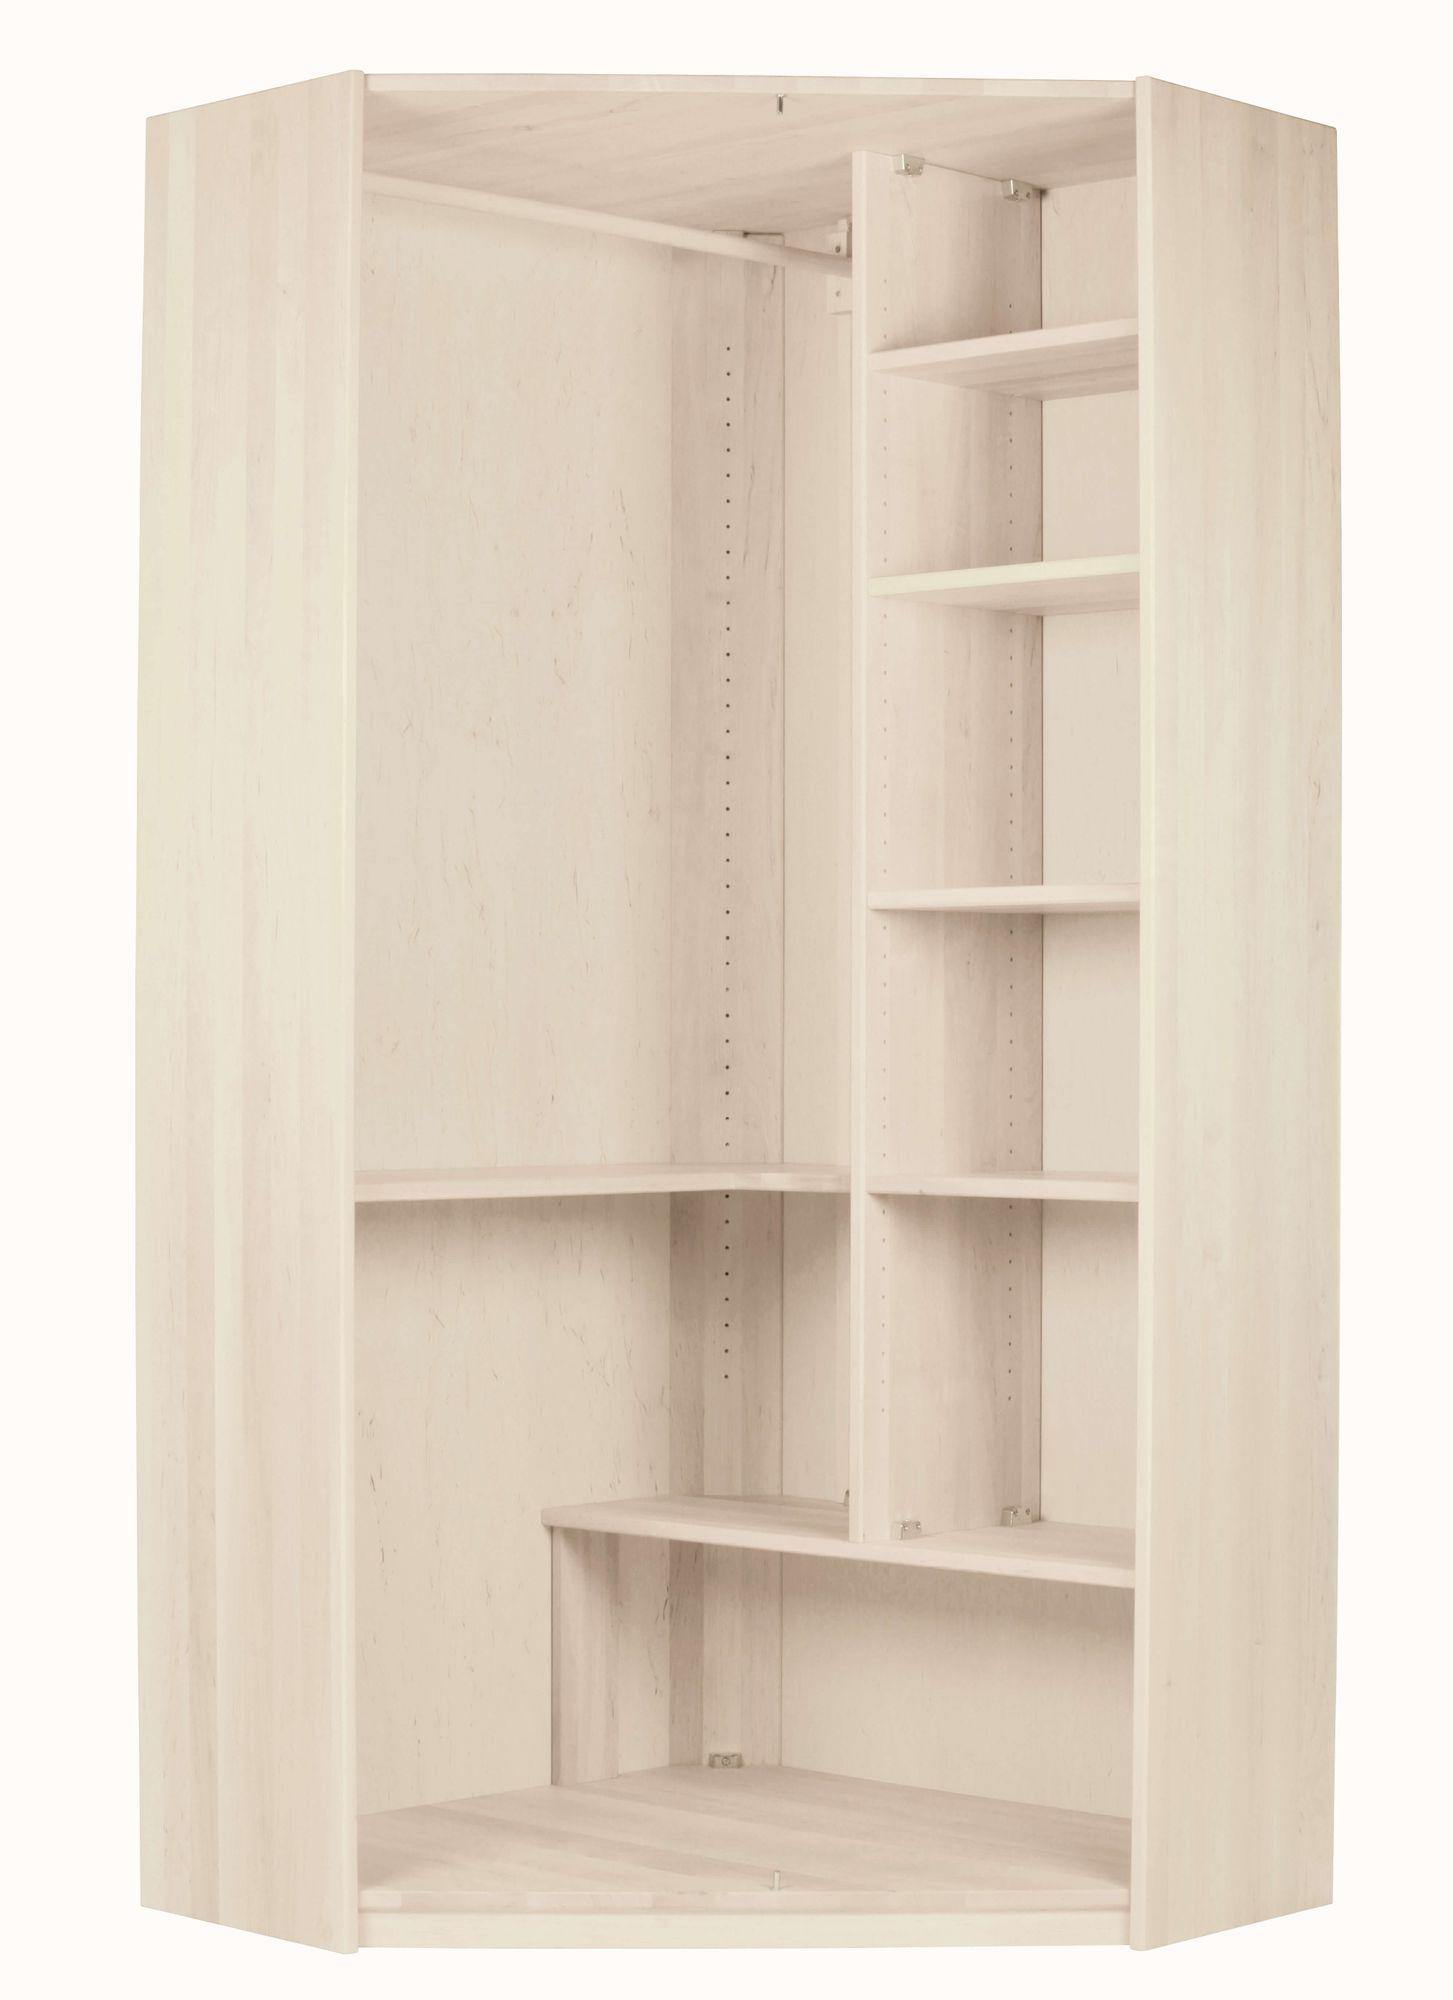 Full Size of Kinderzimmer Eckschrank Biolara Eckkleiderschrank Kiefer Wei Lasiert Sofa Küche Regal Weiß Regale Schlafzimmer Bad Wohnzimmer Kinderzimmer Eckschrank